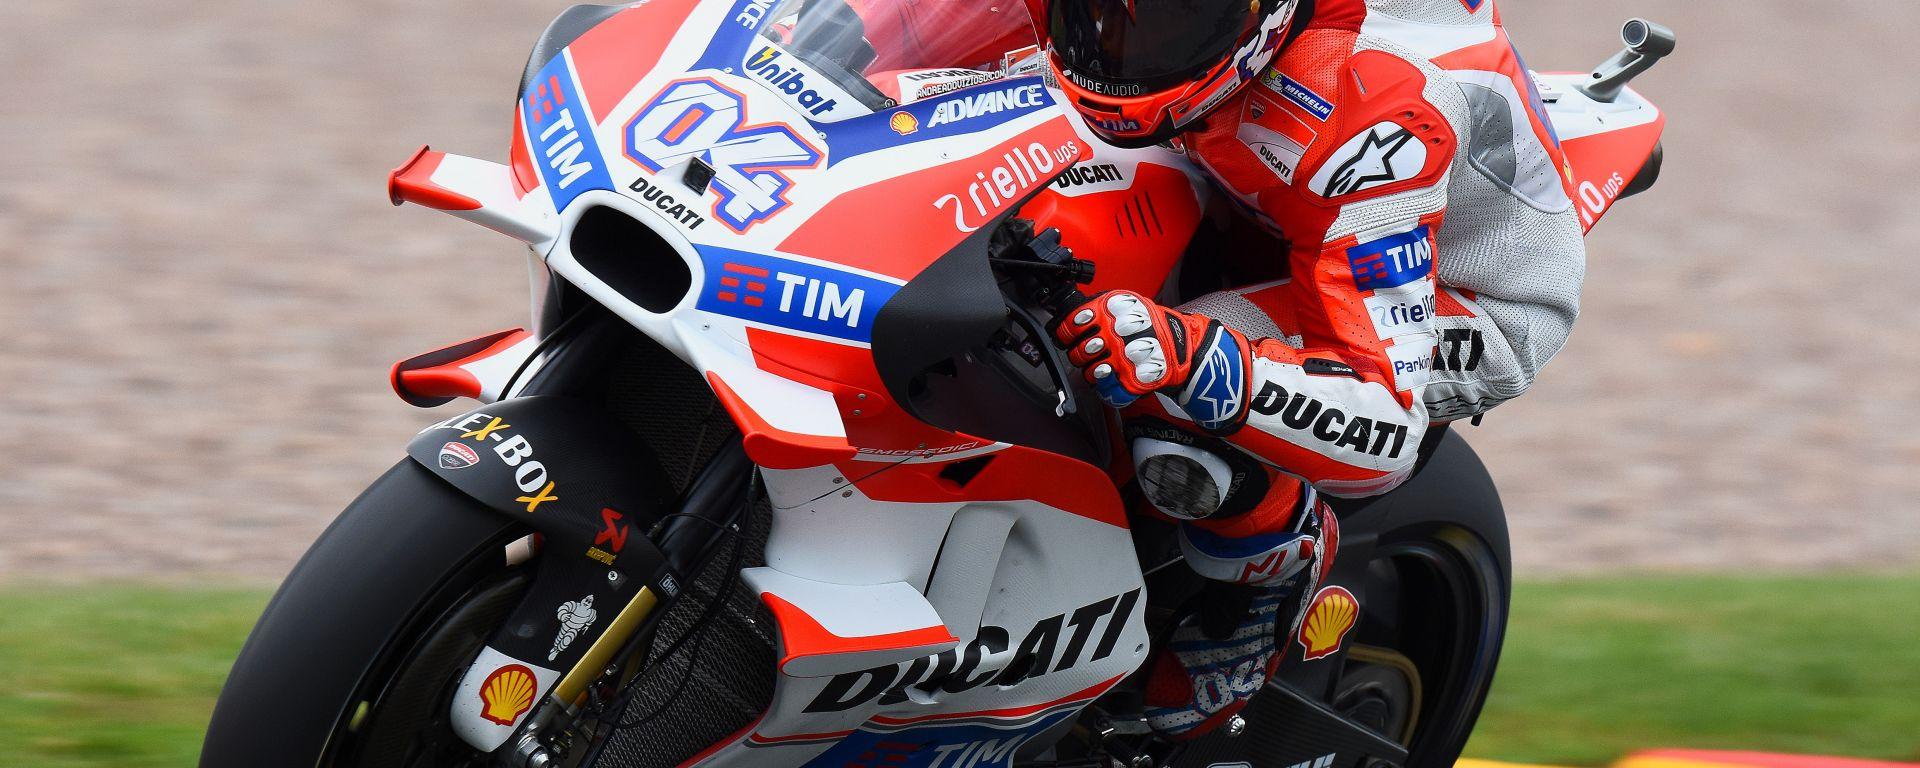 MotoGP Austria 2016: volano le Ducati di Dovizioso e Iannone, terzo Vinales davanti a Rossi